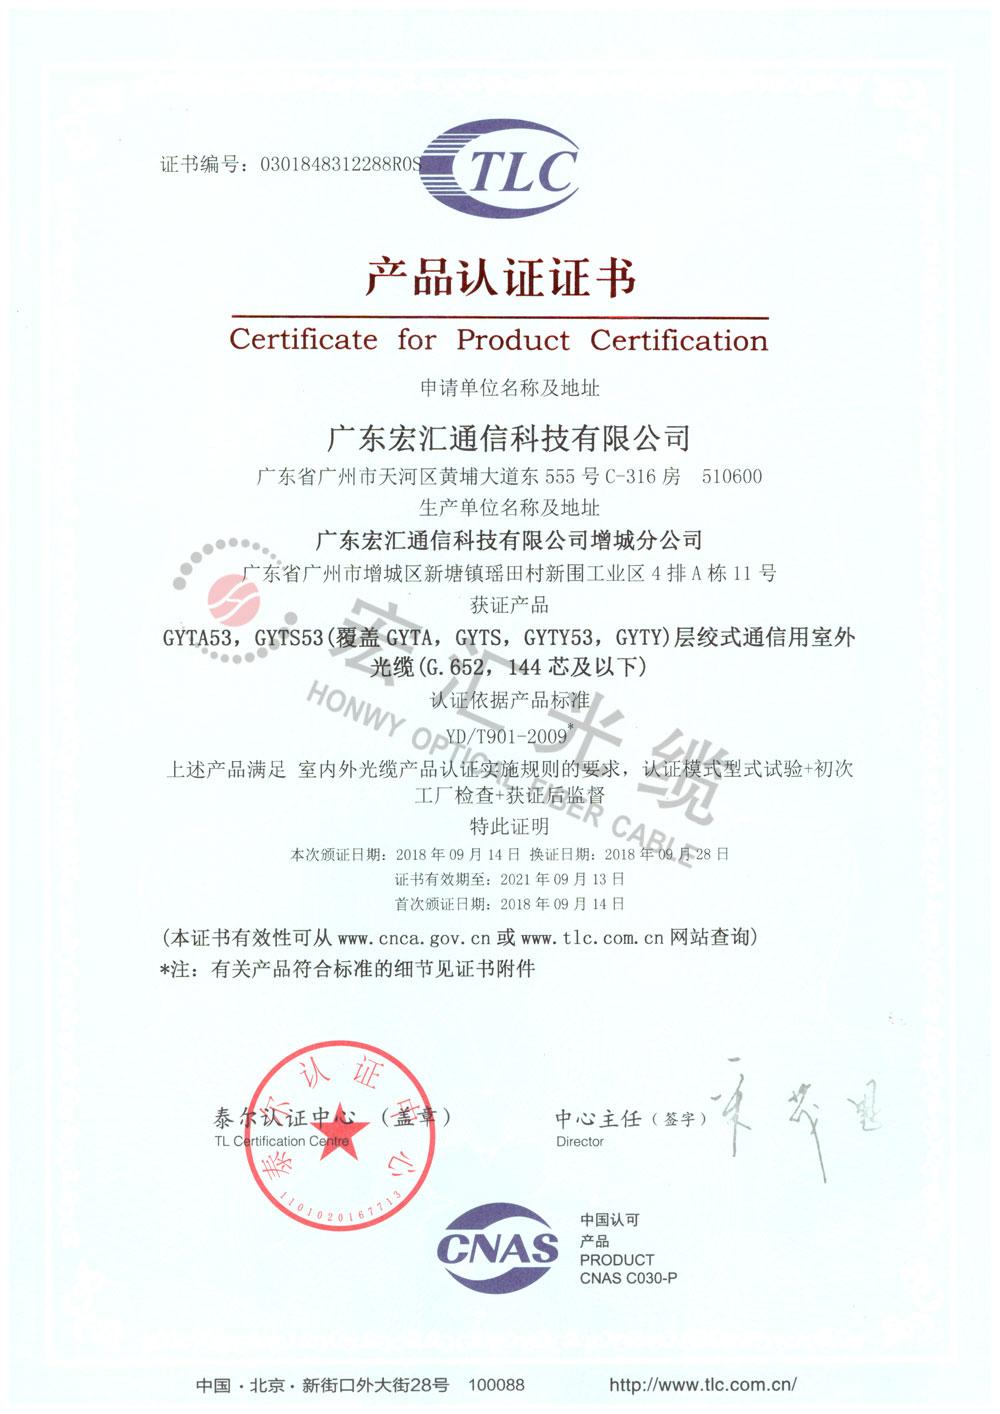 泰尔认证证书(GYTA53/GYTS53)